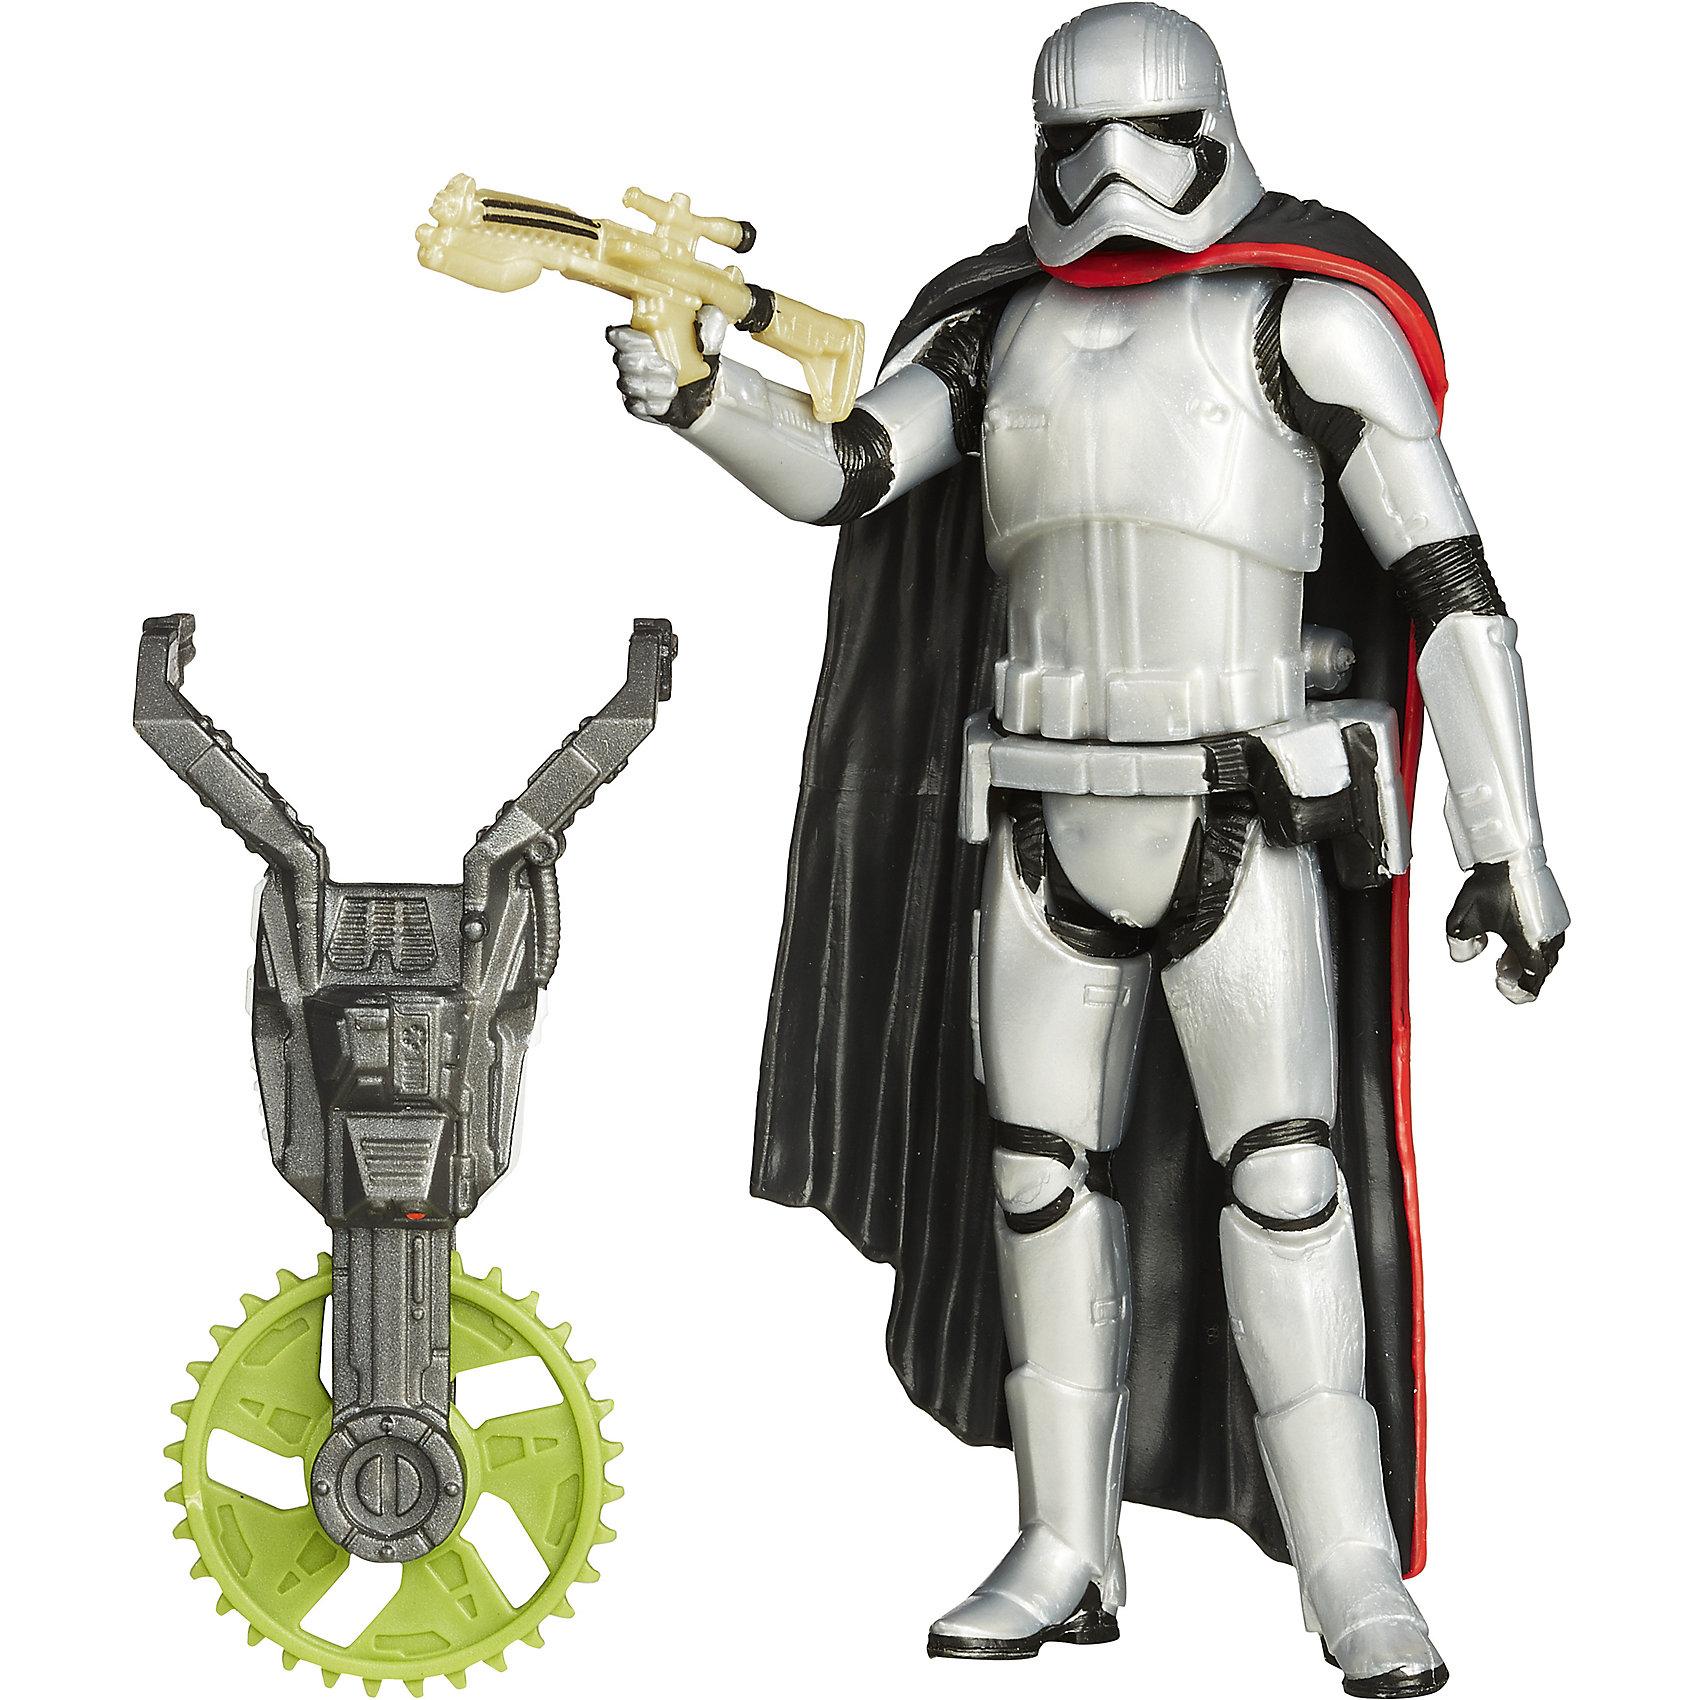 Фигурка вселенной Звездные Войны (Джунгли/ Космос), Капитан ФазмаИгрушки<br>Фигурка станет прекрасным подарком всем поклонникам всемирно известной саги Star Wars. Игрушка прекрасно детализирована, имеет подвижные конечности. В комплекте красный световой меч. Также в наборе есть составная часть орудия. Собери три фигурки и стань обладателем уникального орудия.   <br><br>Дополнительная информация: <br><br>- Материал: пластик.<br>- Размер фигурки: 10 см. <br><br>Фигурку вселенной Звездные Войны (Джунгли/ Космос), Капитан Фазма можно купить в нашем магазине.<br><br>Ширина мм: 38<br>Глубина мм: 140<br>Высота мм: 210<br>Вес г: 40<br>Возраст от месяцев: 48<br>Возраст до месяцев: 96<br>Пол: Мужской<br>Возраст: Детский<br>SKU: 4803353